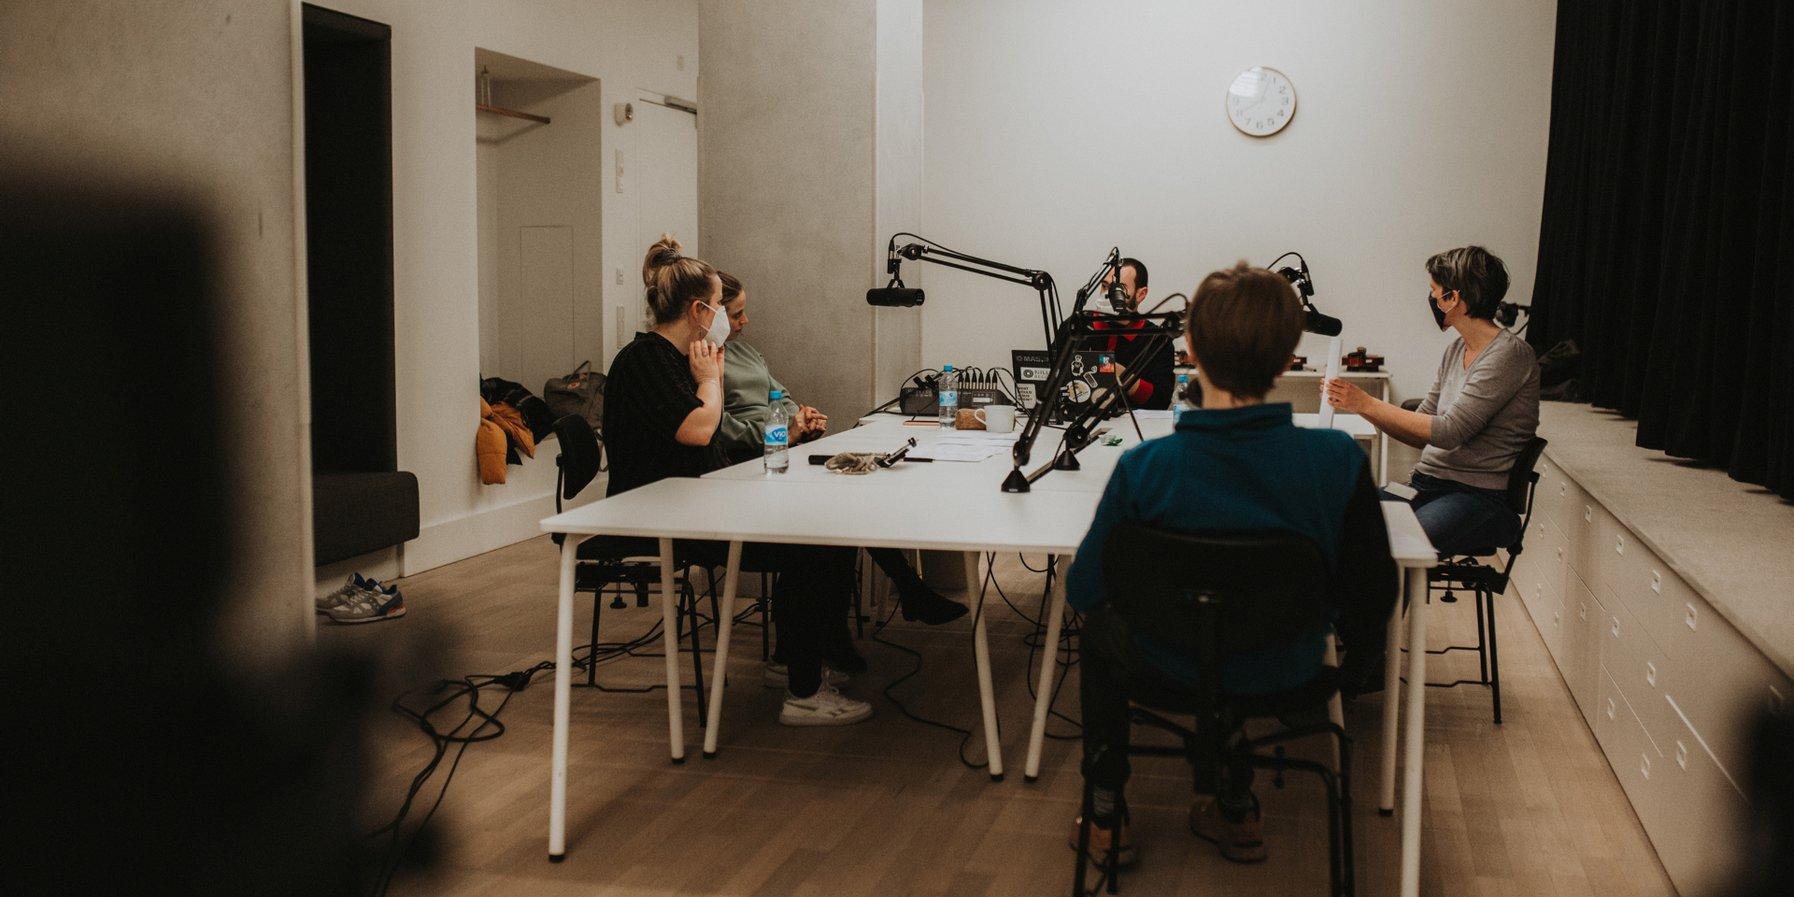 Podast-Setting im Kaistudio der Elbphilharmonie